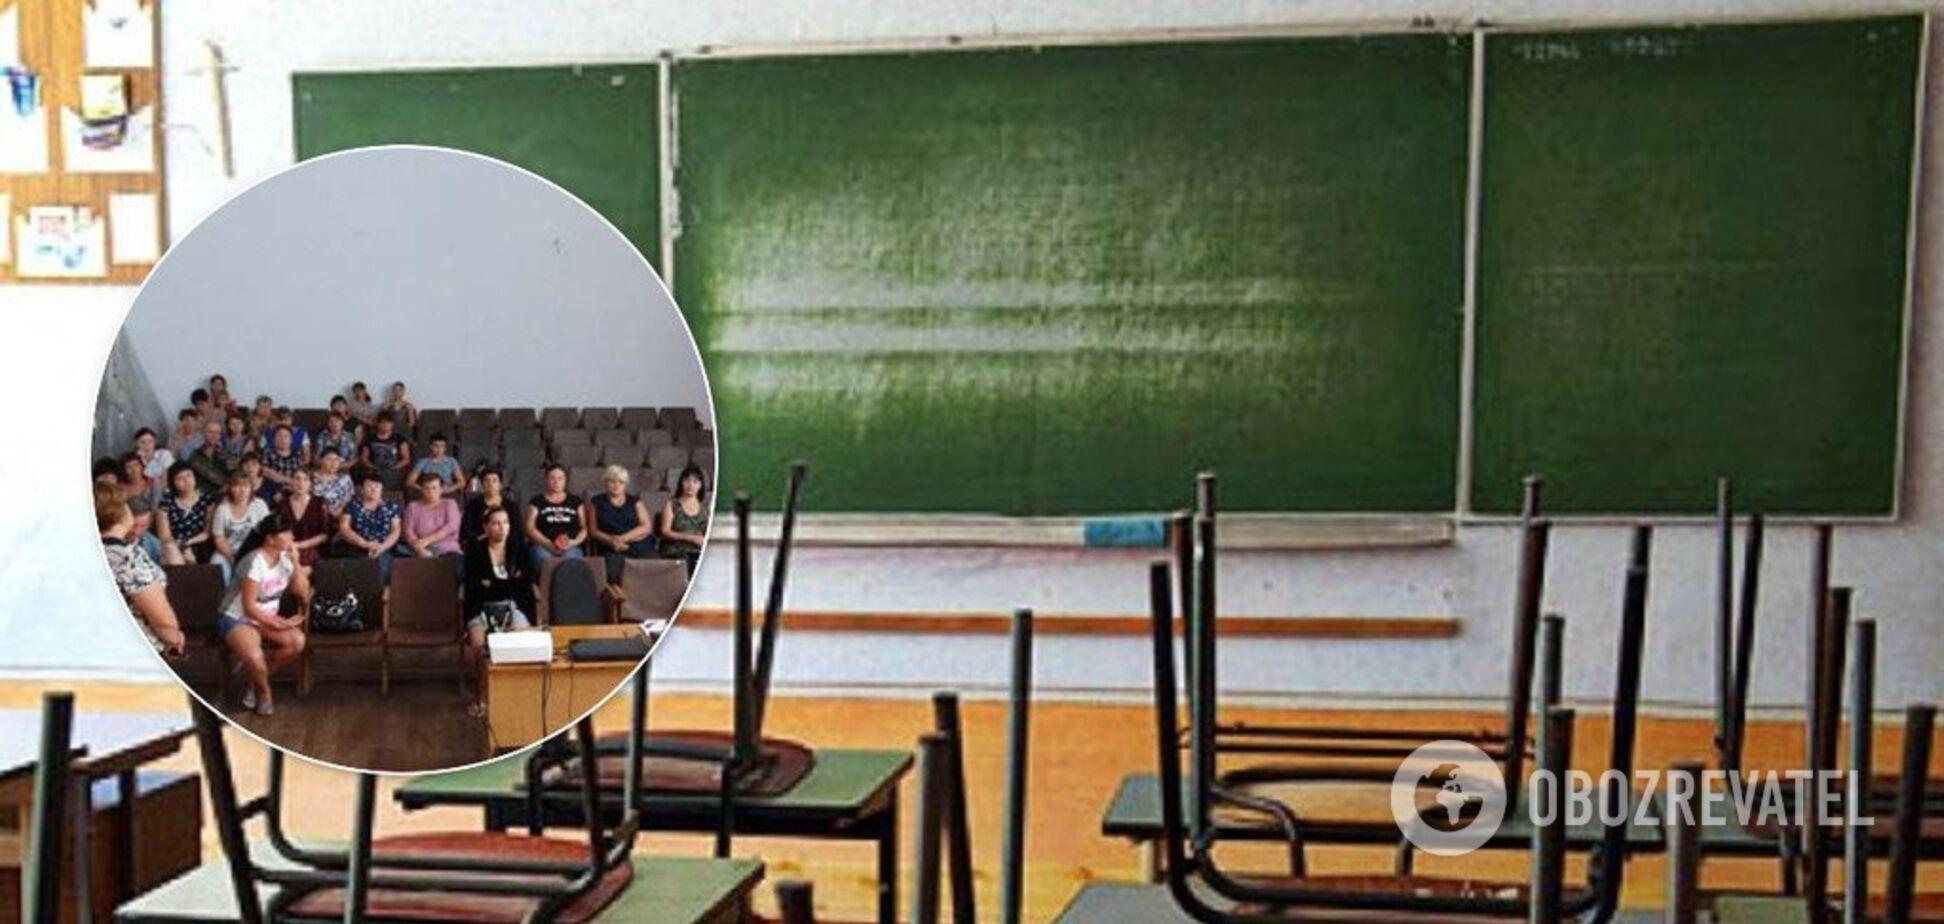 'Детей не отдадим!' Родители школьников на Херсонщине взбунтовались против качественного образования